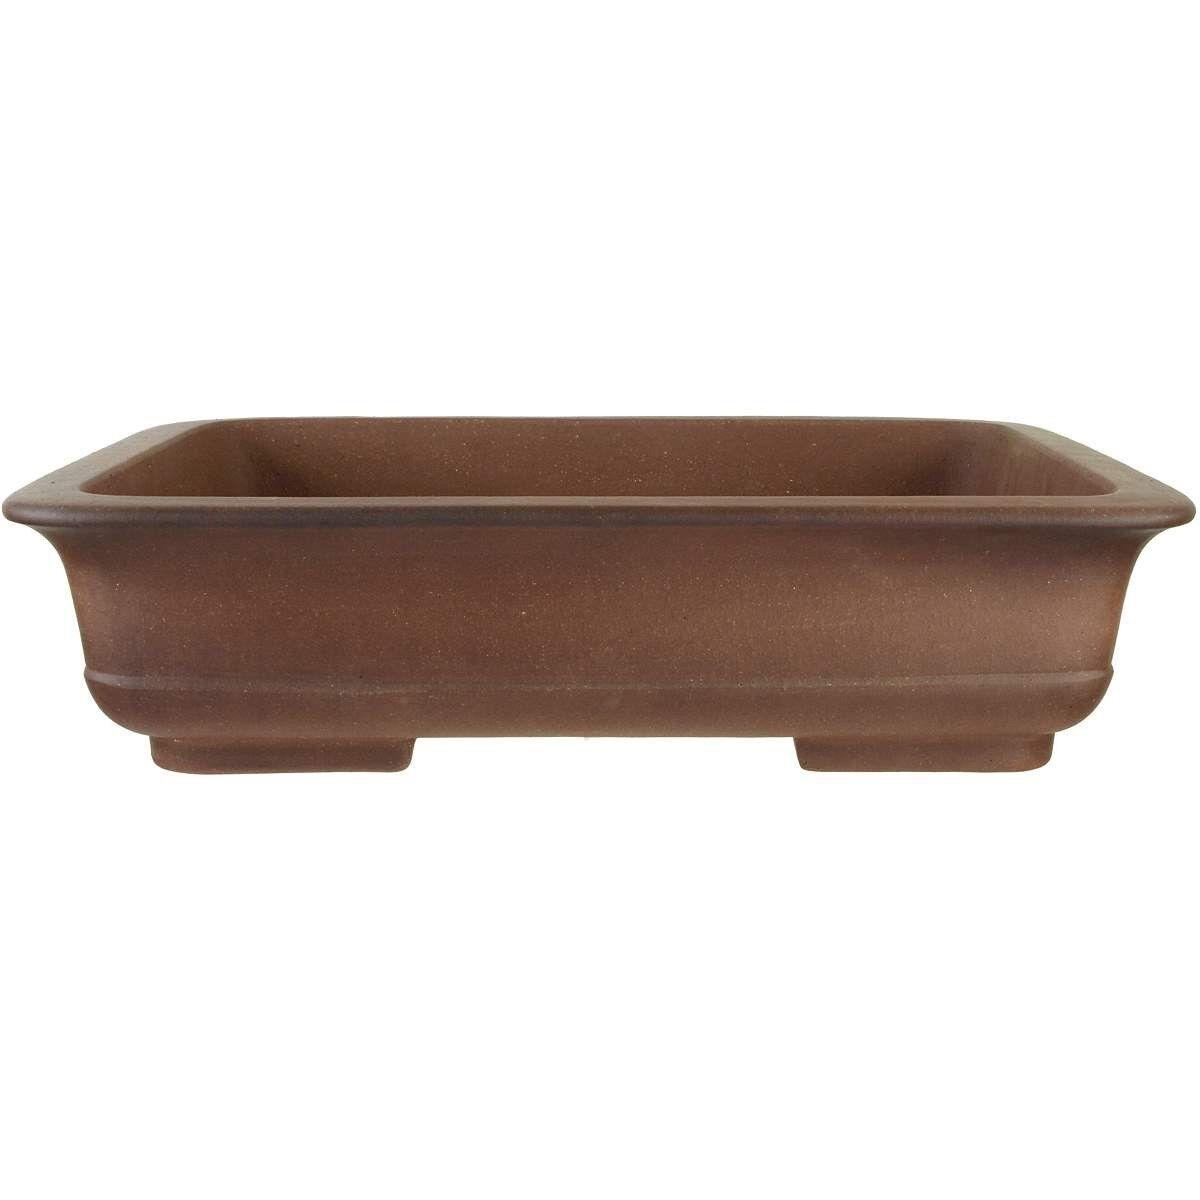 Bonsaischale 50.5x37.5x12.5cm Antik-marrón rectangular unglasiert h51159ab